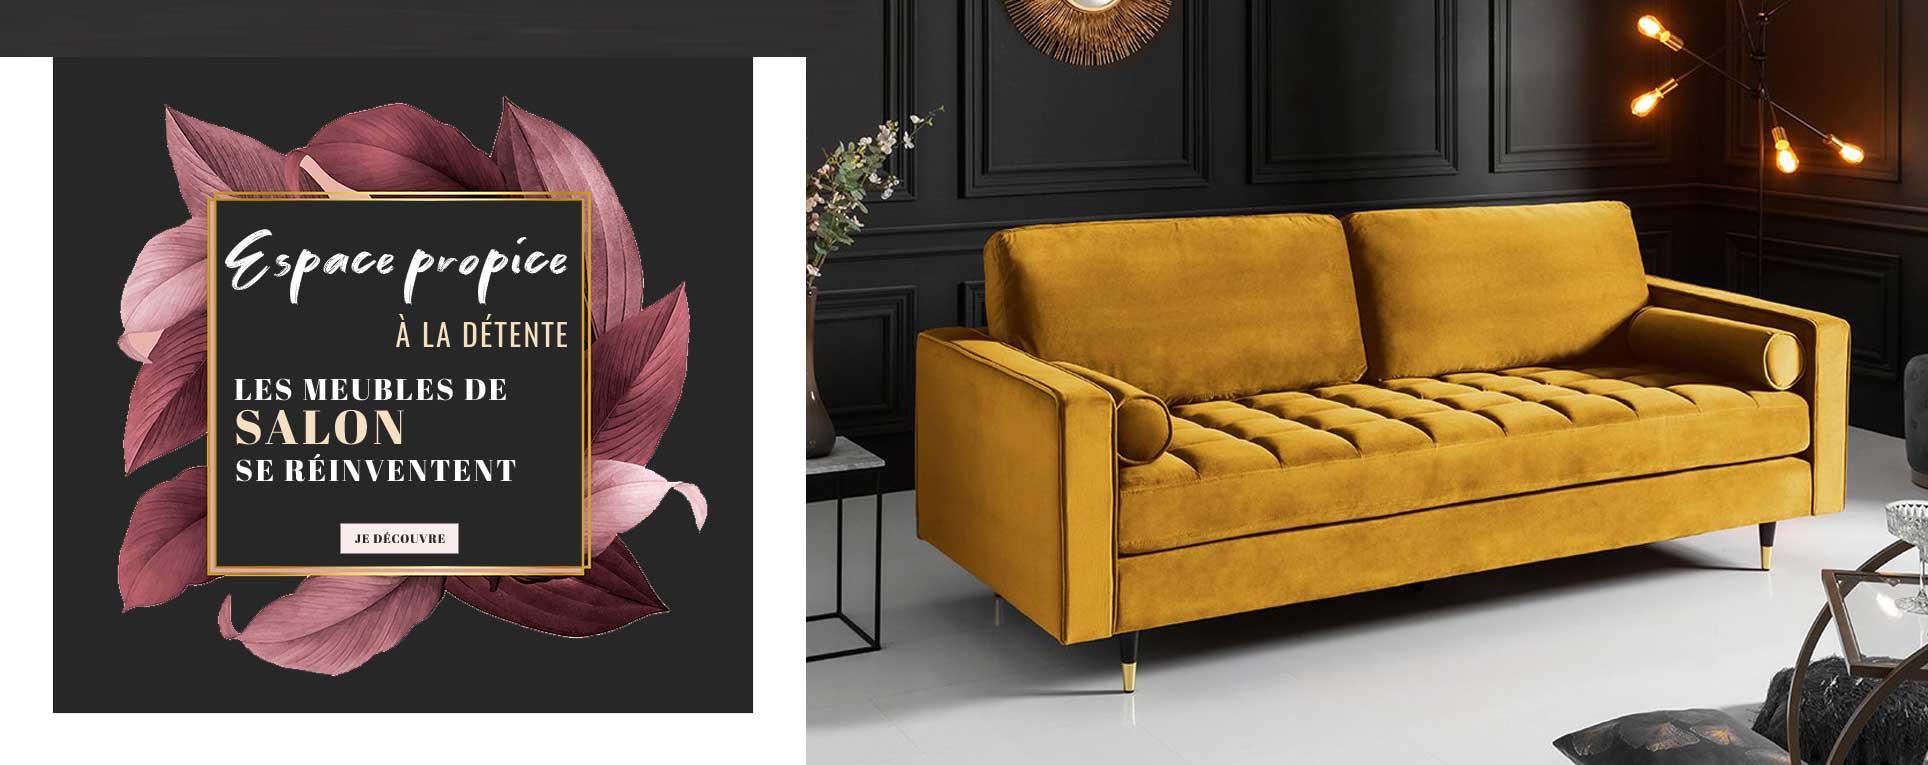 Découvrez nos meubles de salon